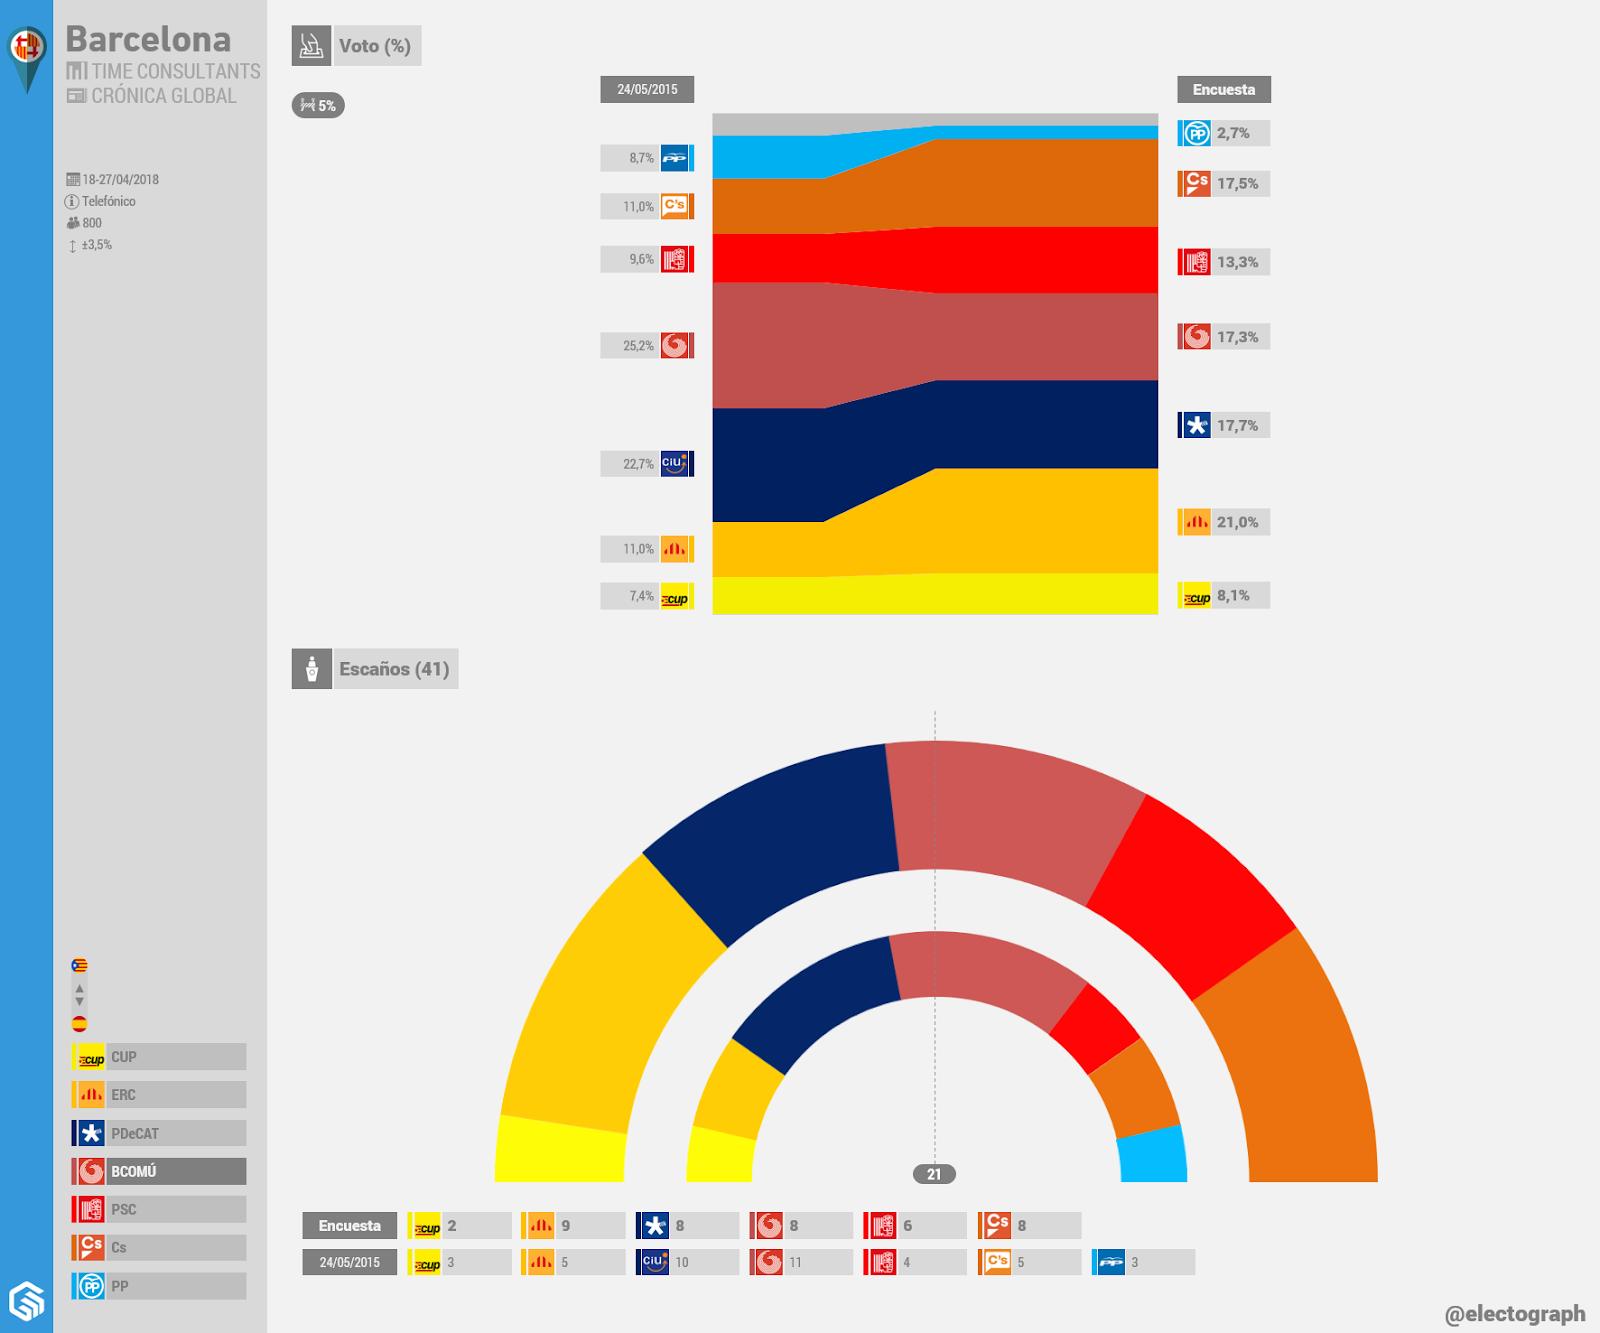 Gráfico de la encuesta para elecciones municipales en Barcelona realizada por Time Consultants para Crónica Global en abril de 2018